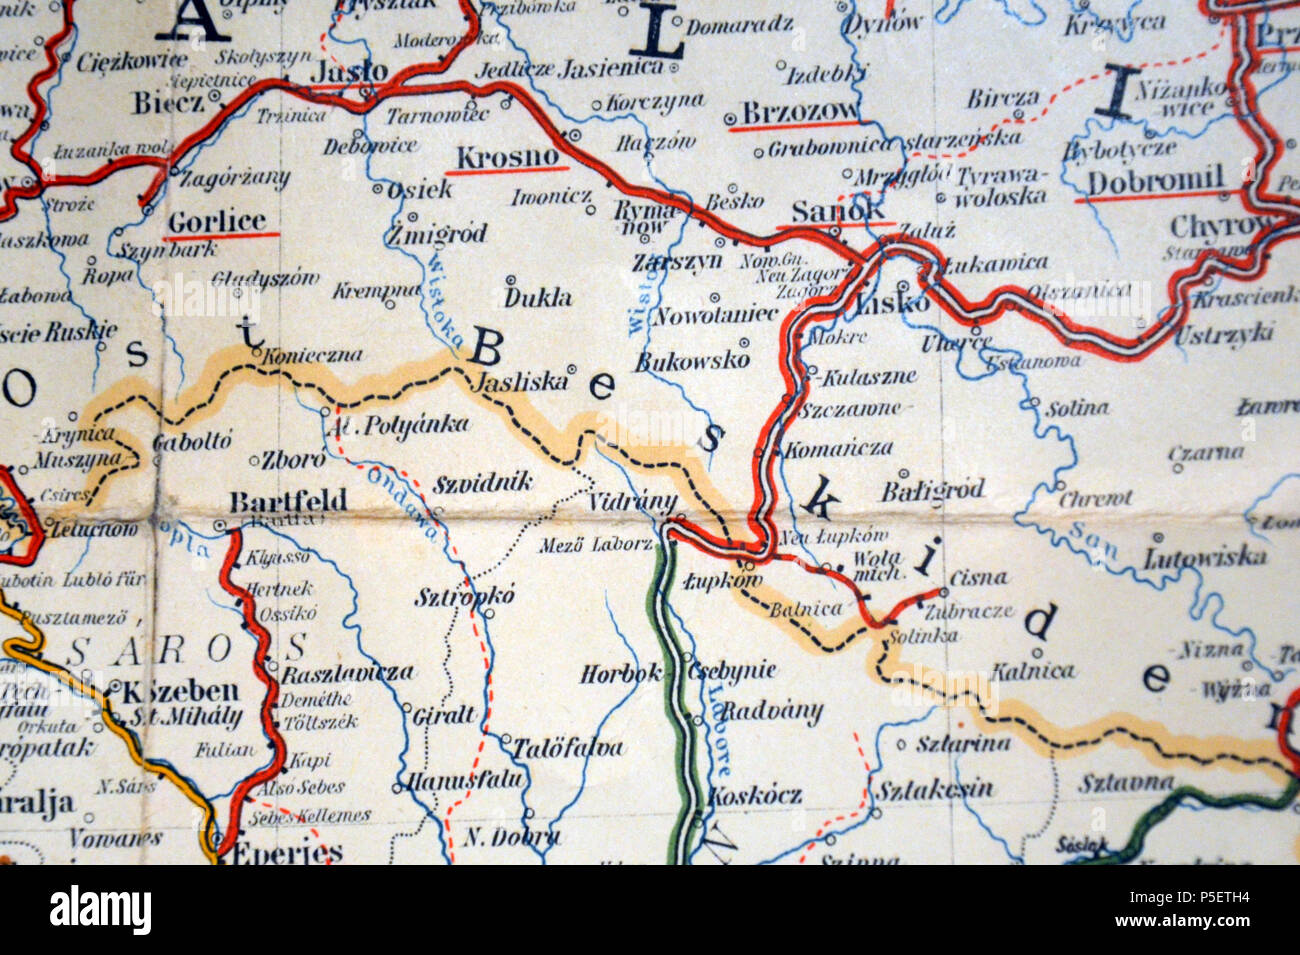 Galizien Karte.N A Deutsch Karte Von Galizien English Railway Map Of Bieszczady